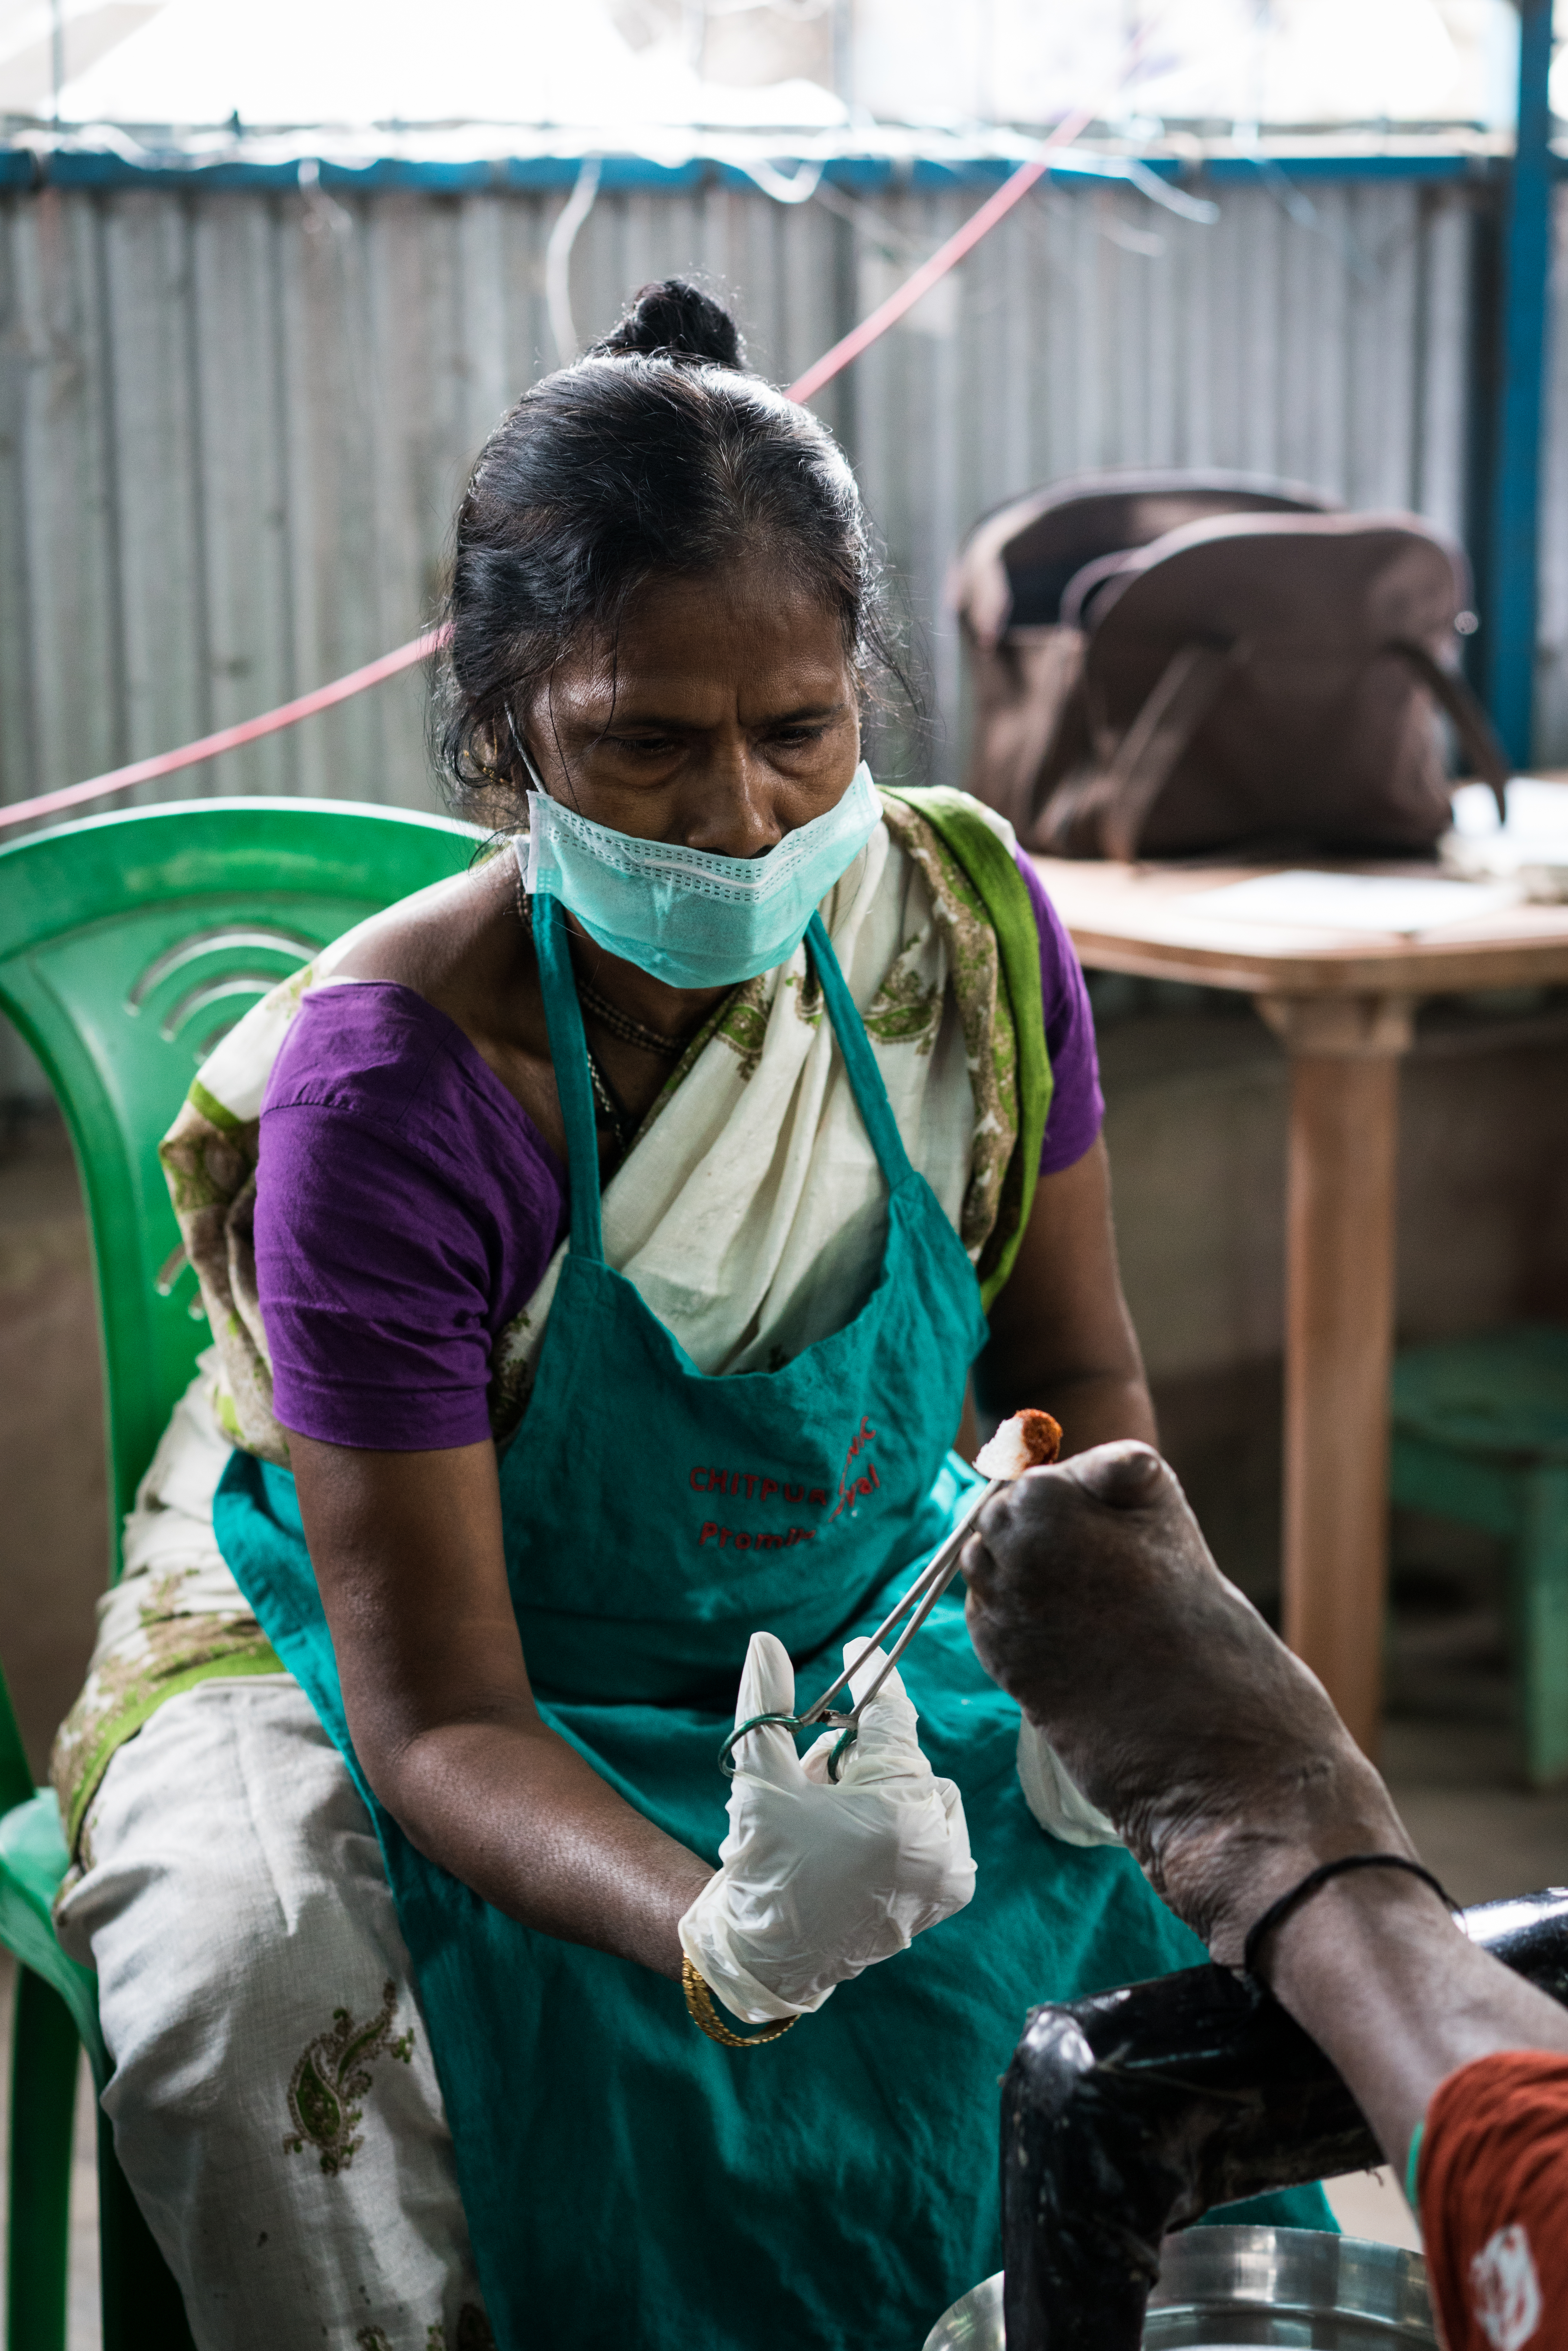 Eine medizinische Mitarbeiterin versorgt die Wunden am Fuss eines Leprakranken.